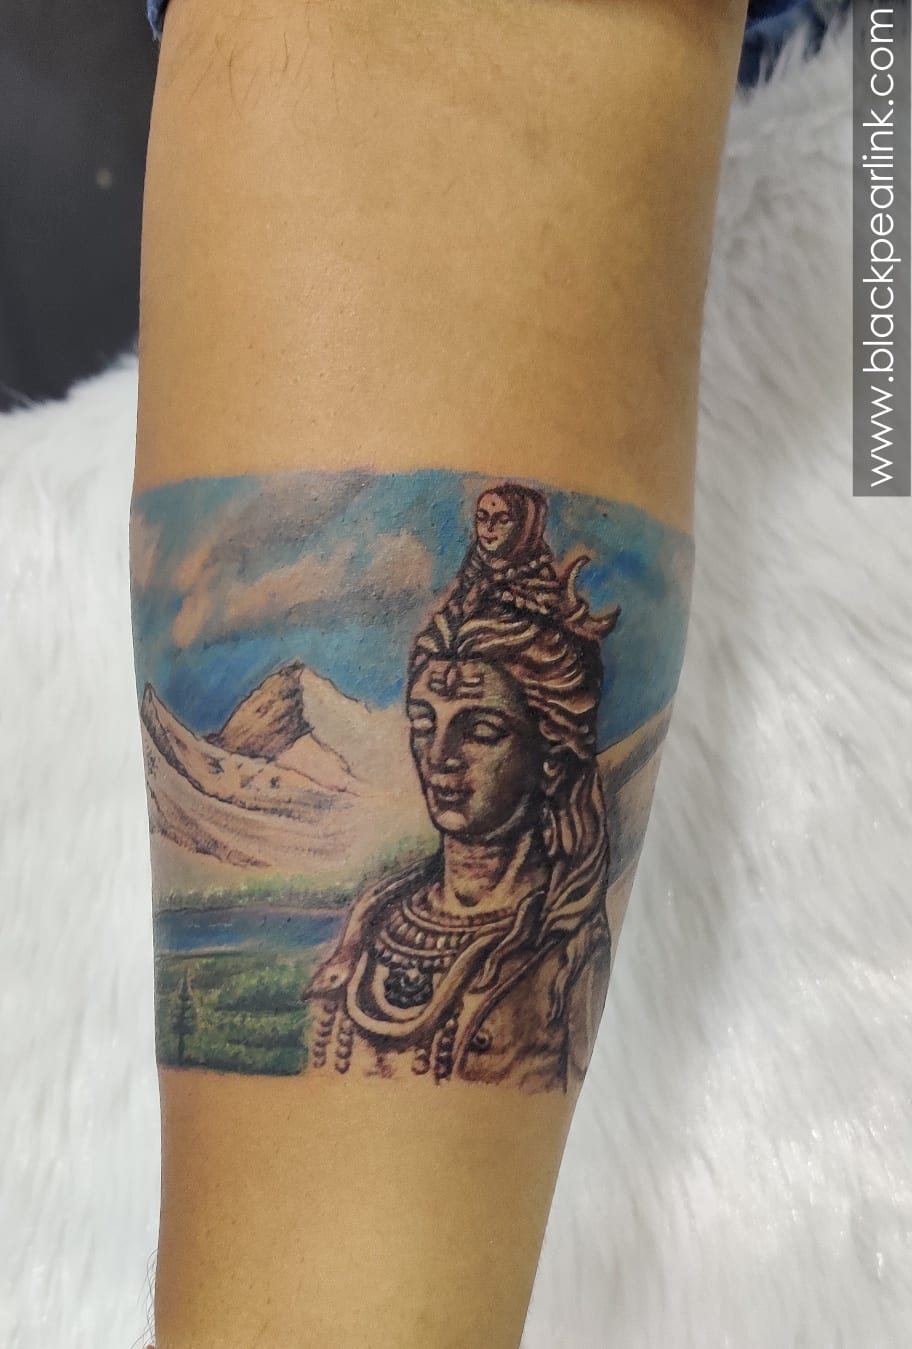 Shiva Themed Armband Tattoo